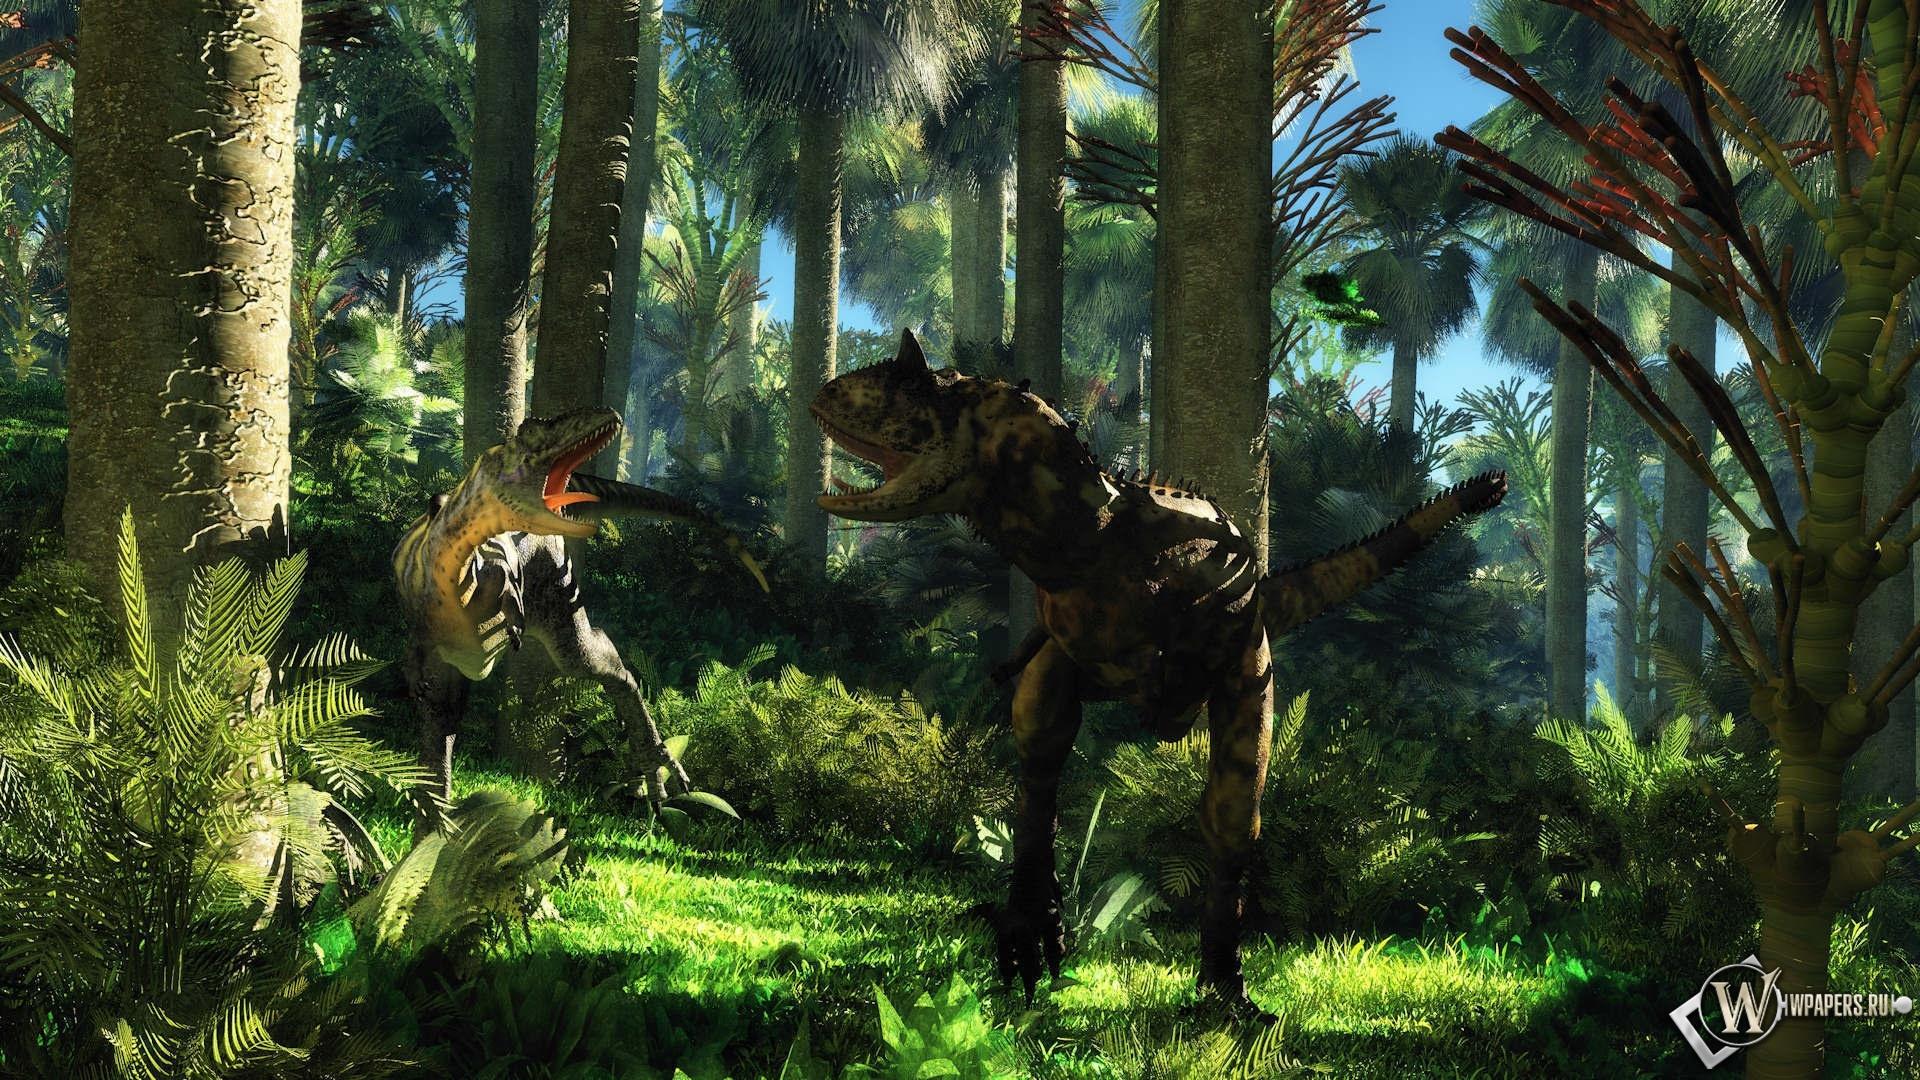 Динозавры 1920x1080